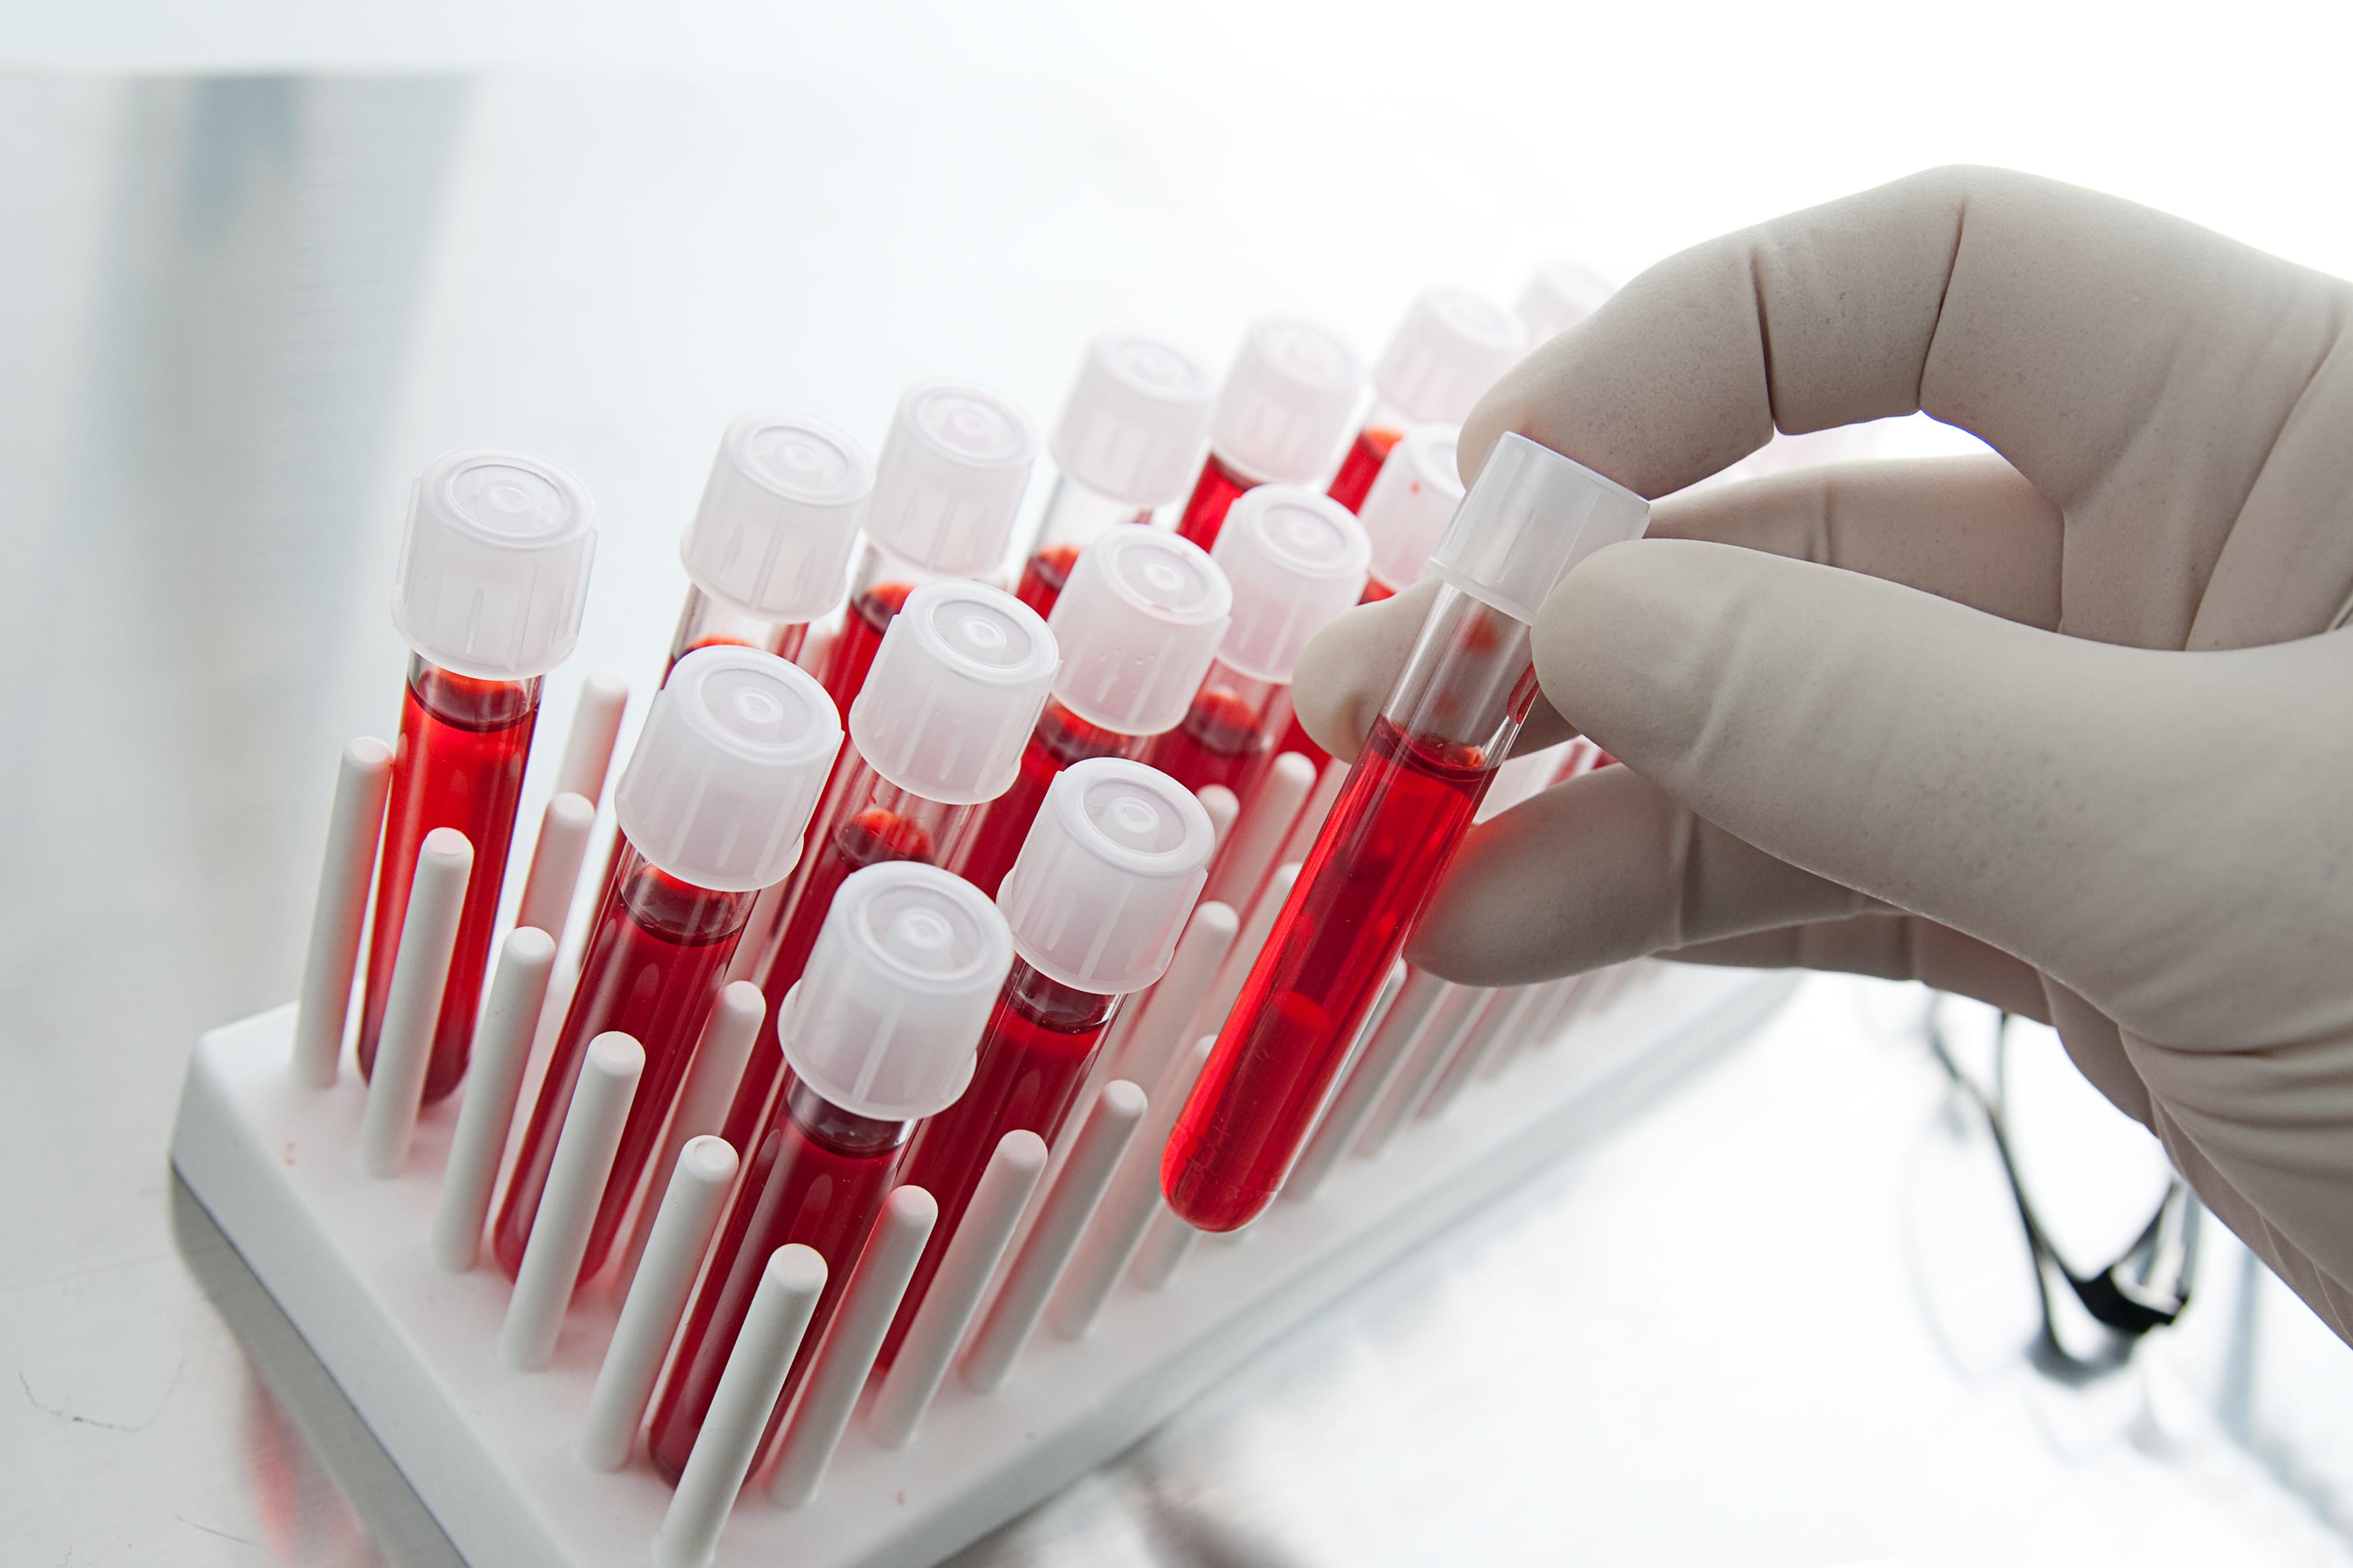 Як визначити рак простати за аналізом крові